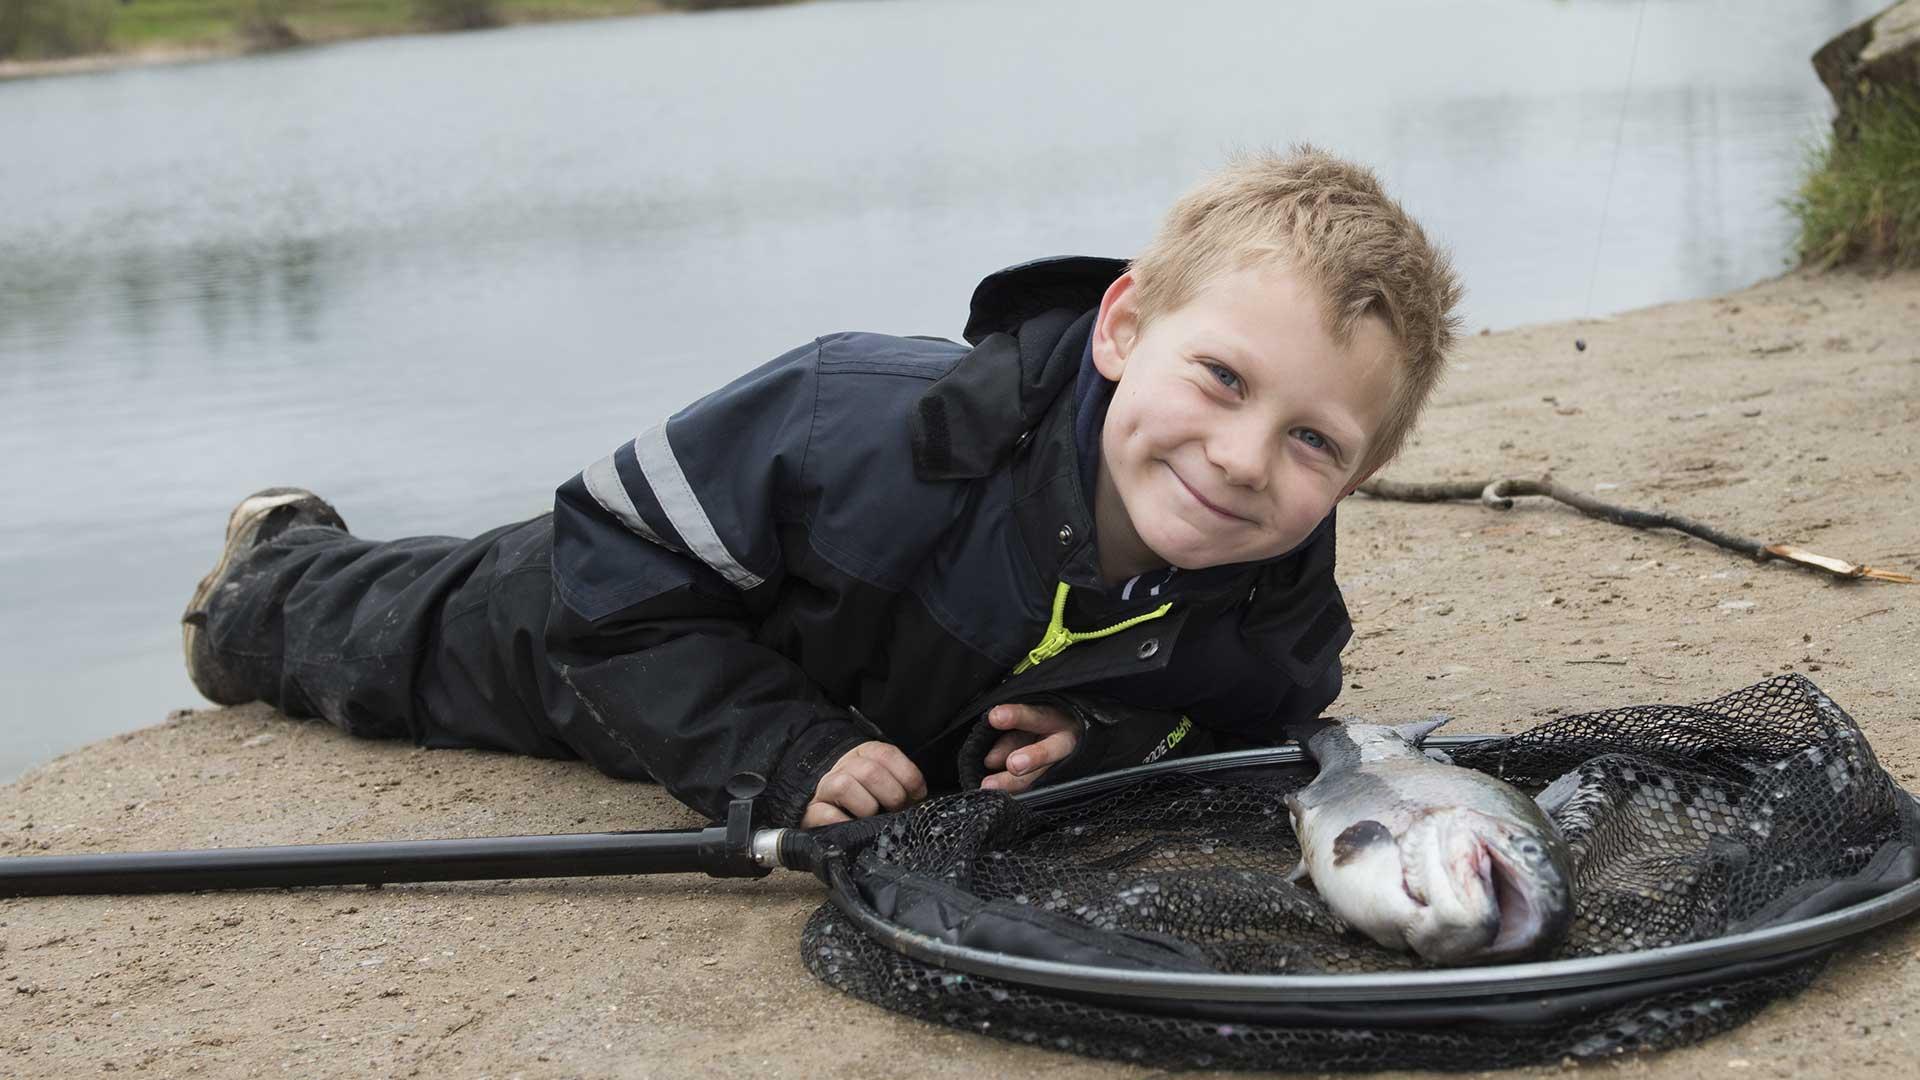 dagens-gladeste-fisker-tager-en-slapper-efter-en-ha%cc%8ard-fight-iglekaer-2017